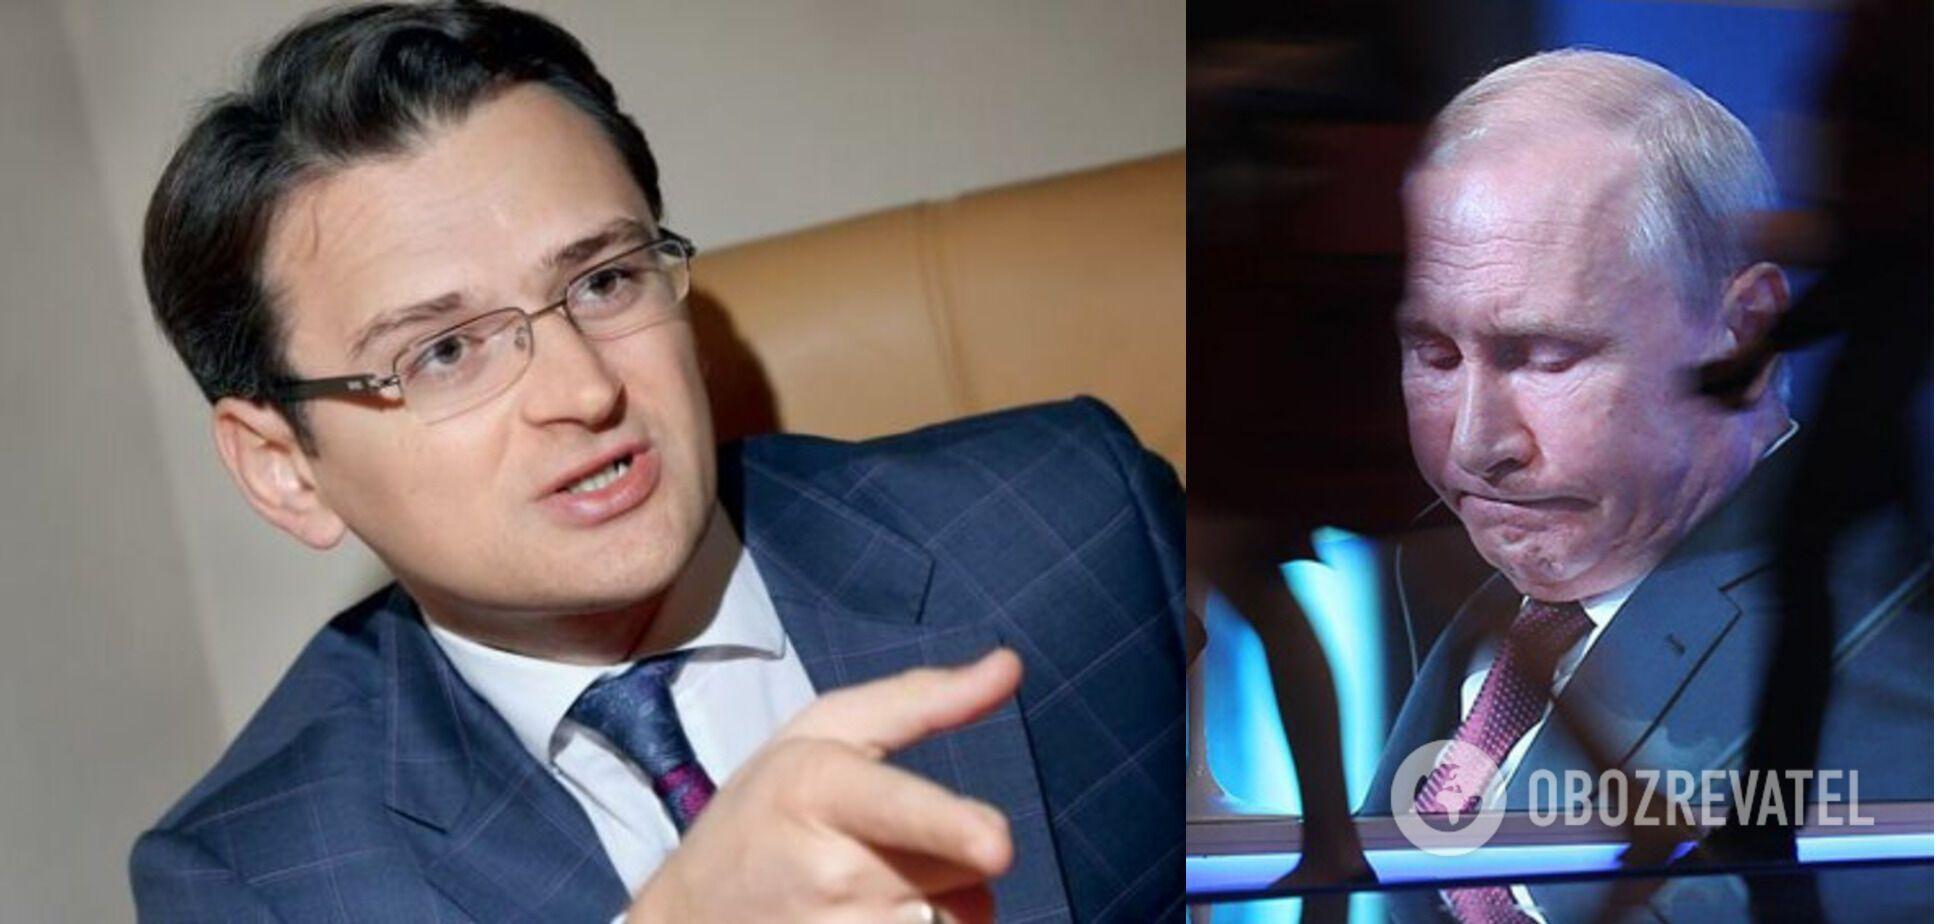 Кулеба відповів Путіну на критику законопроєкту Зеленського